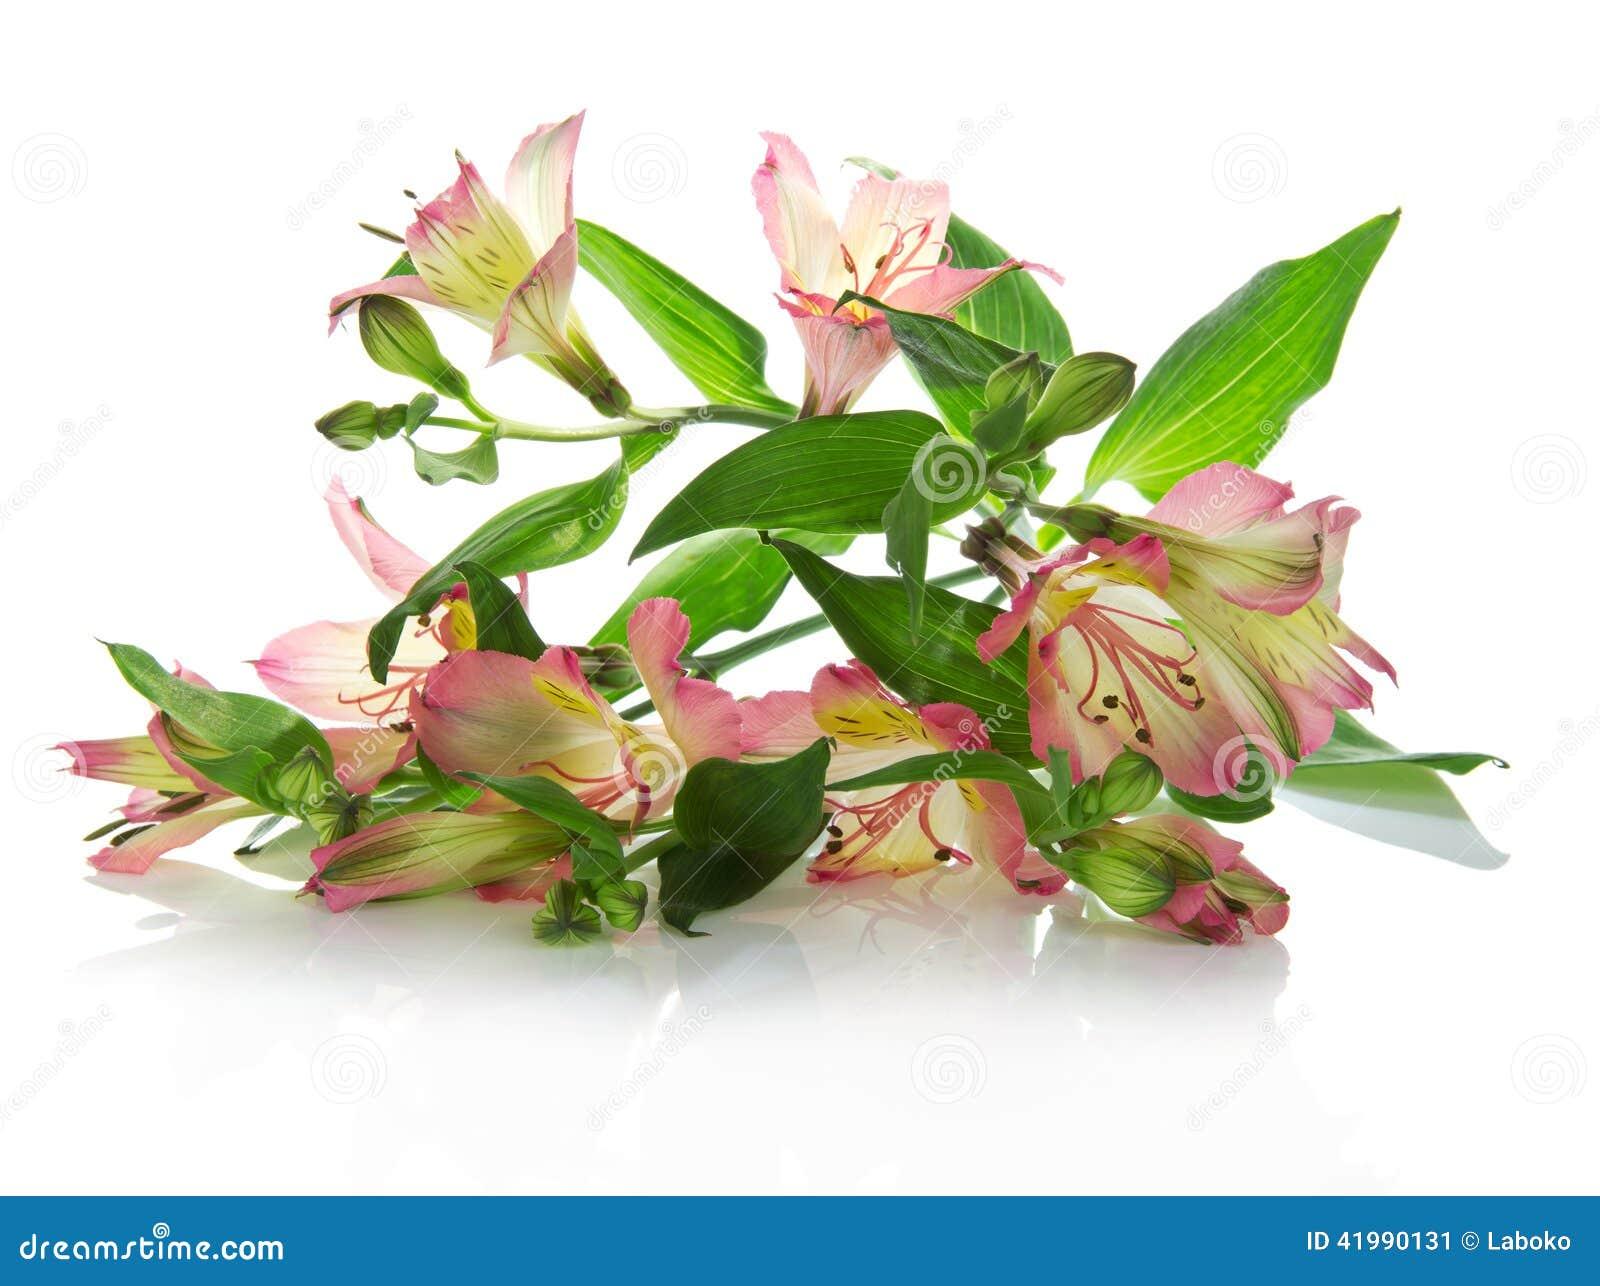 Verse bloemen van een alstroemeria